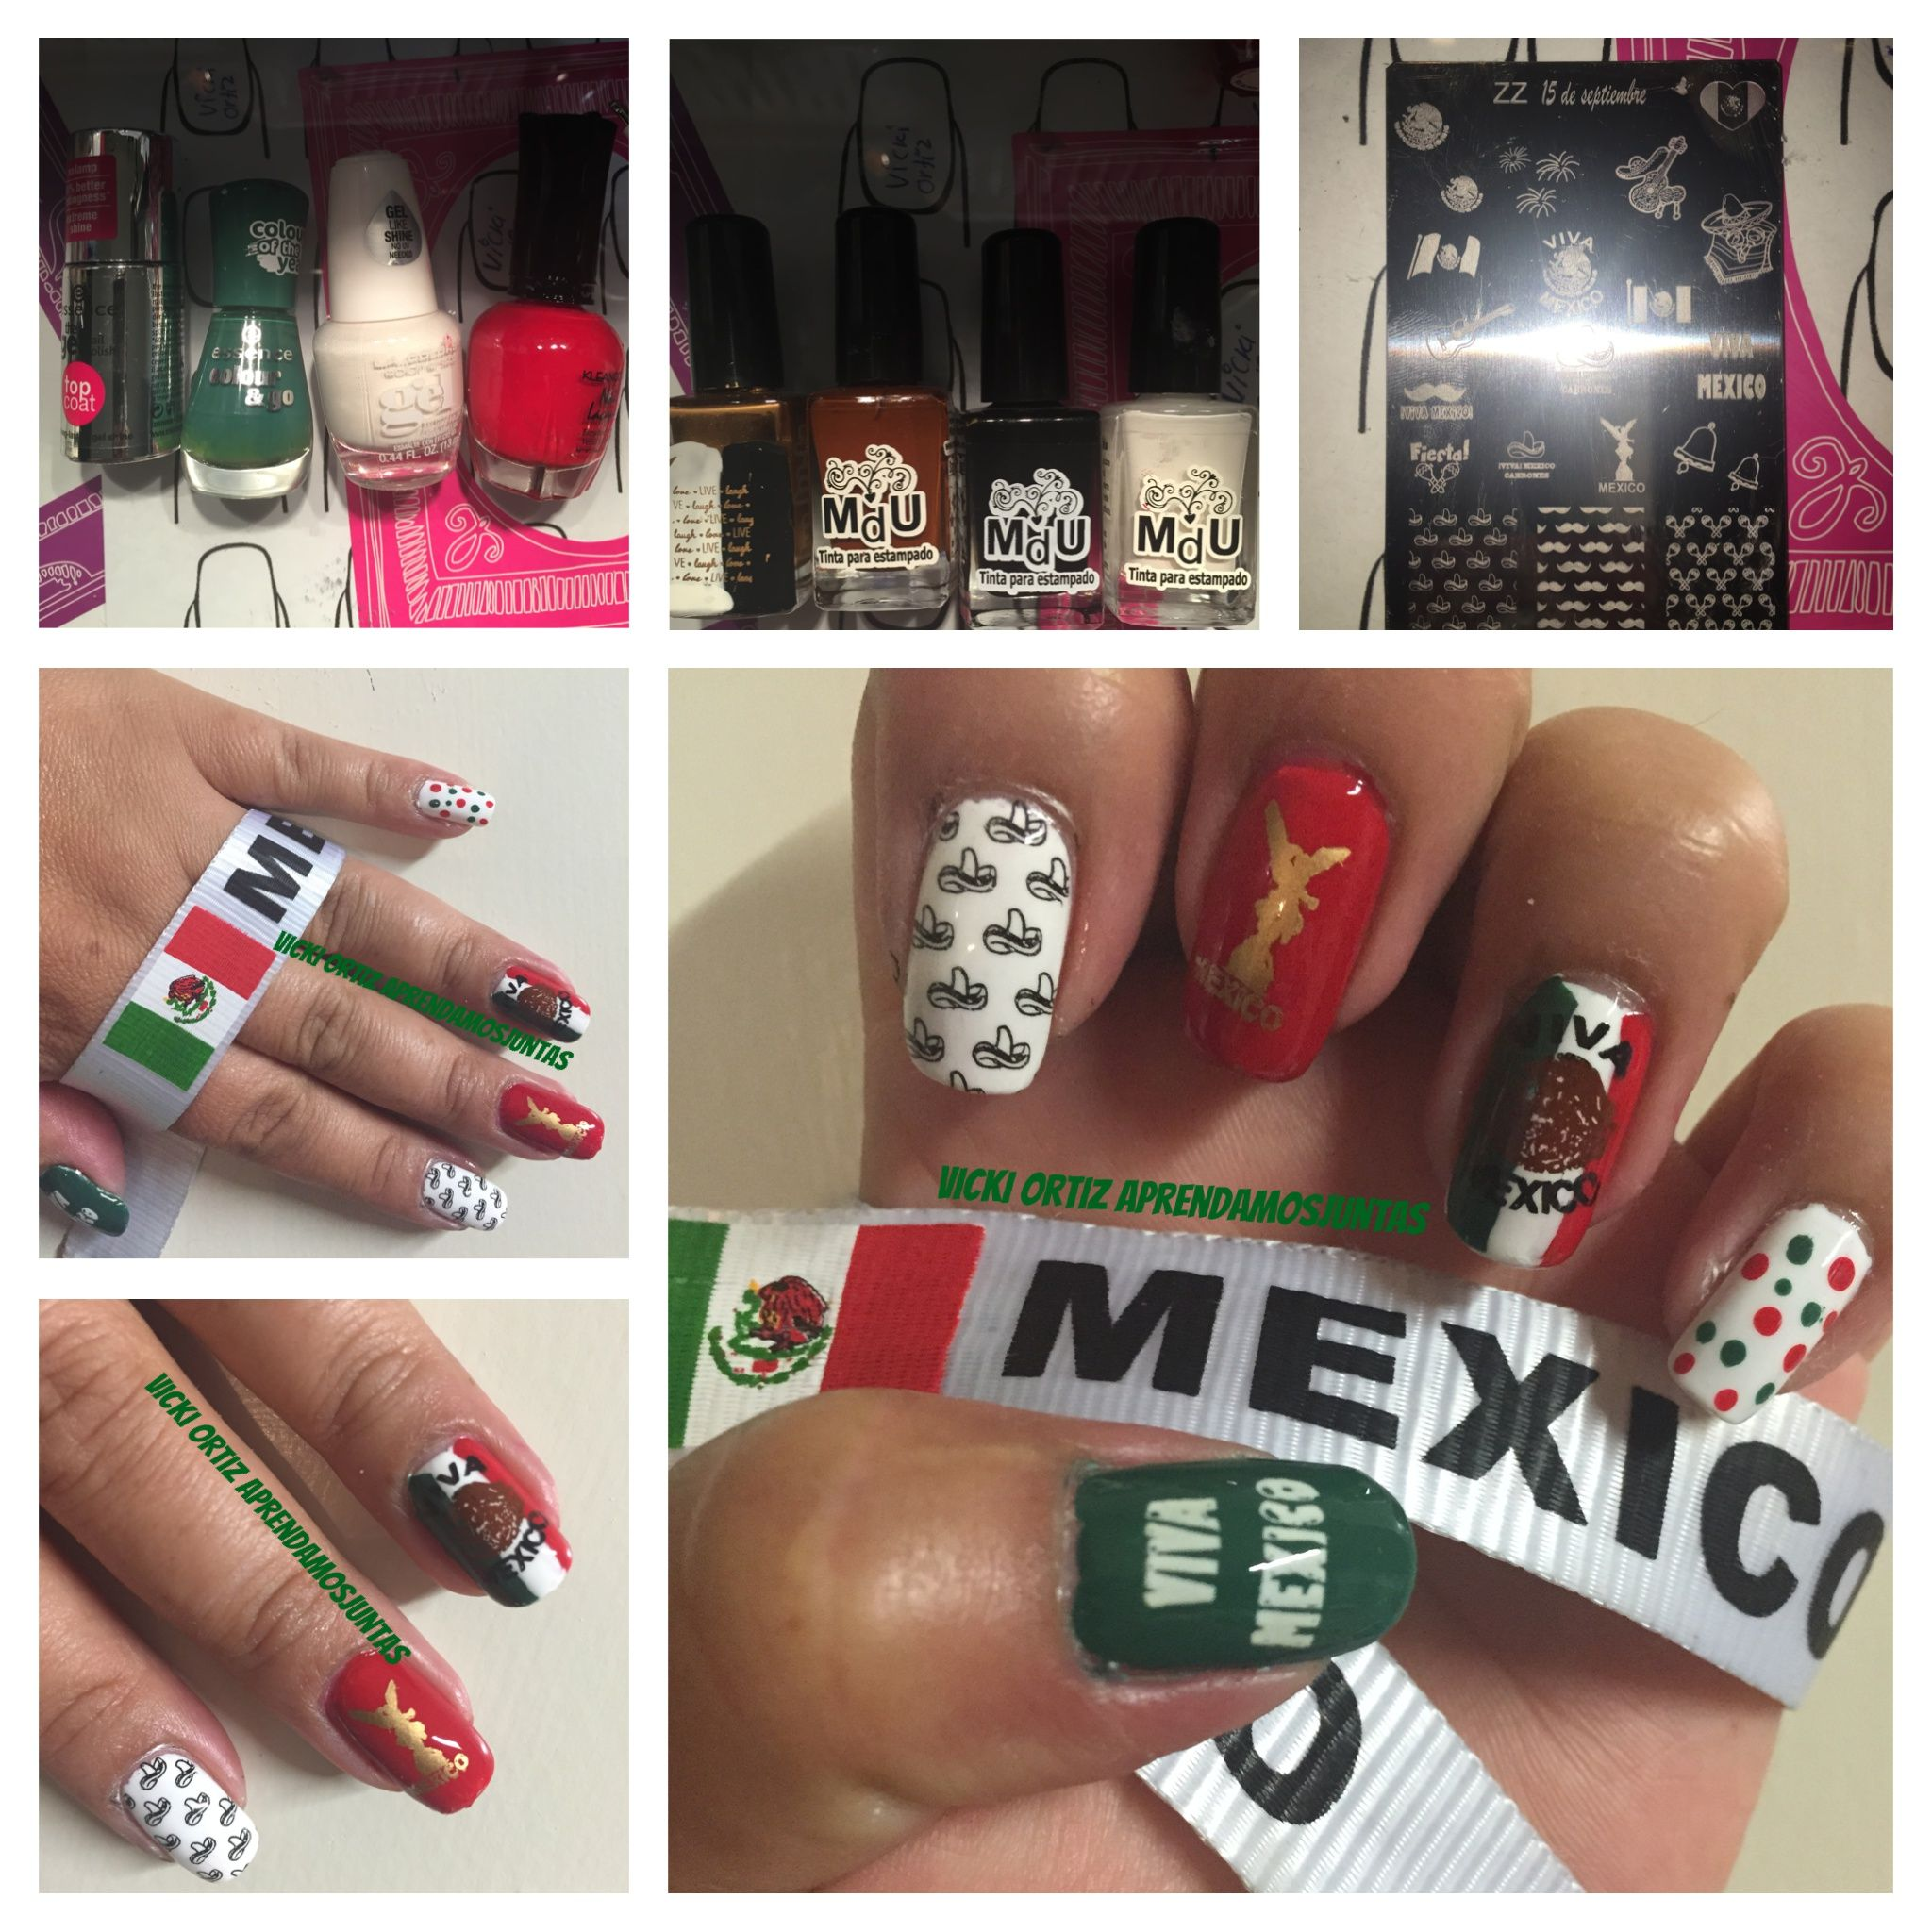 Diseño de uñas viva México 15 de septiembre   Uñas Con diseños ...